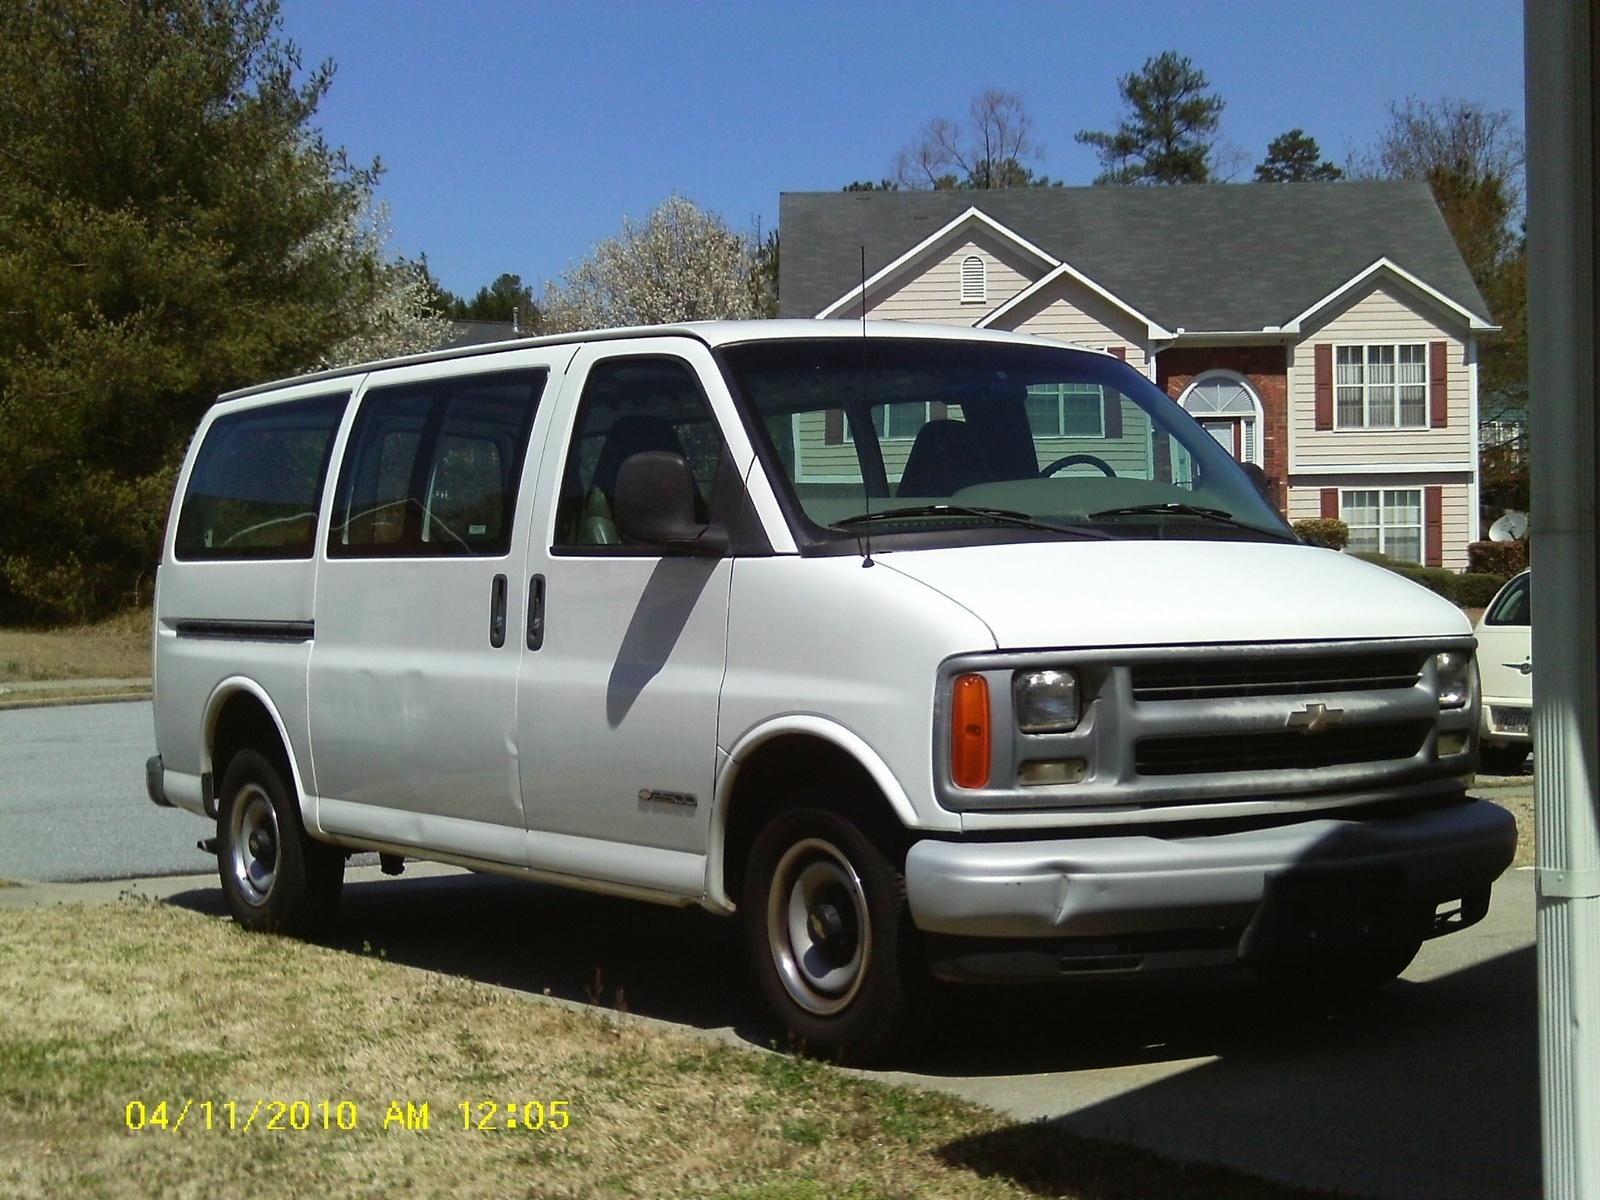 Picture of 2001 Chevrolet Express G2500 LS Passenger Van